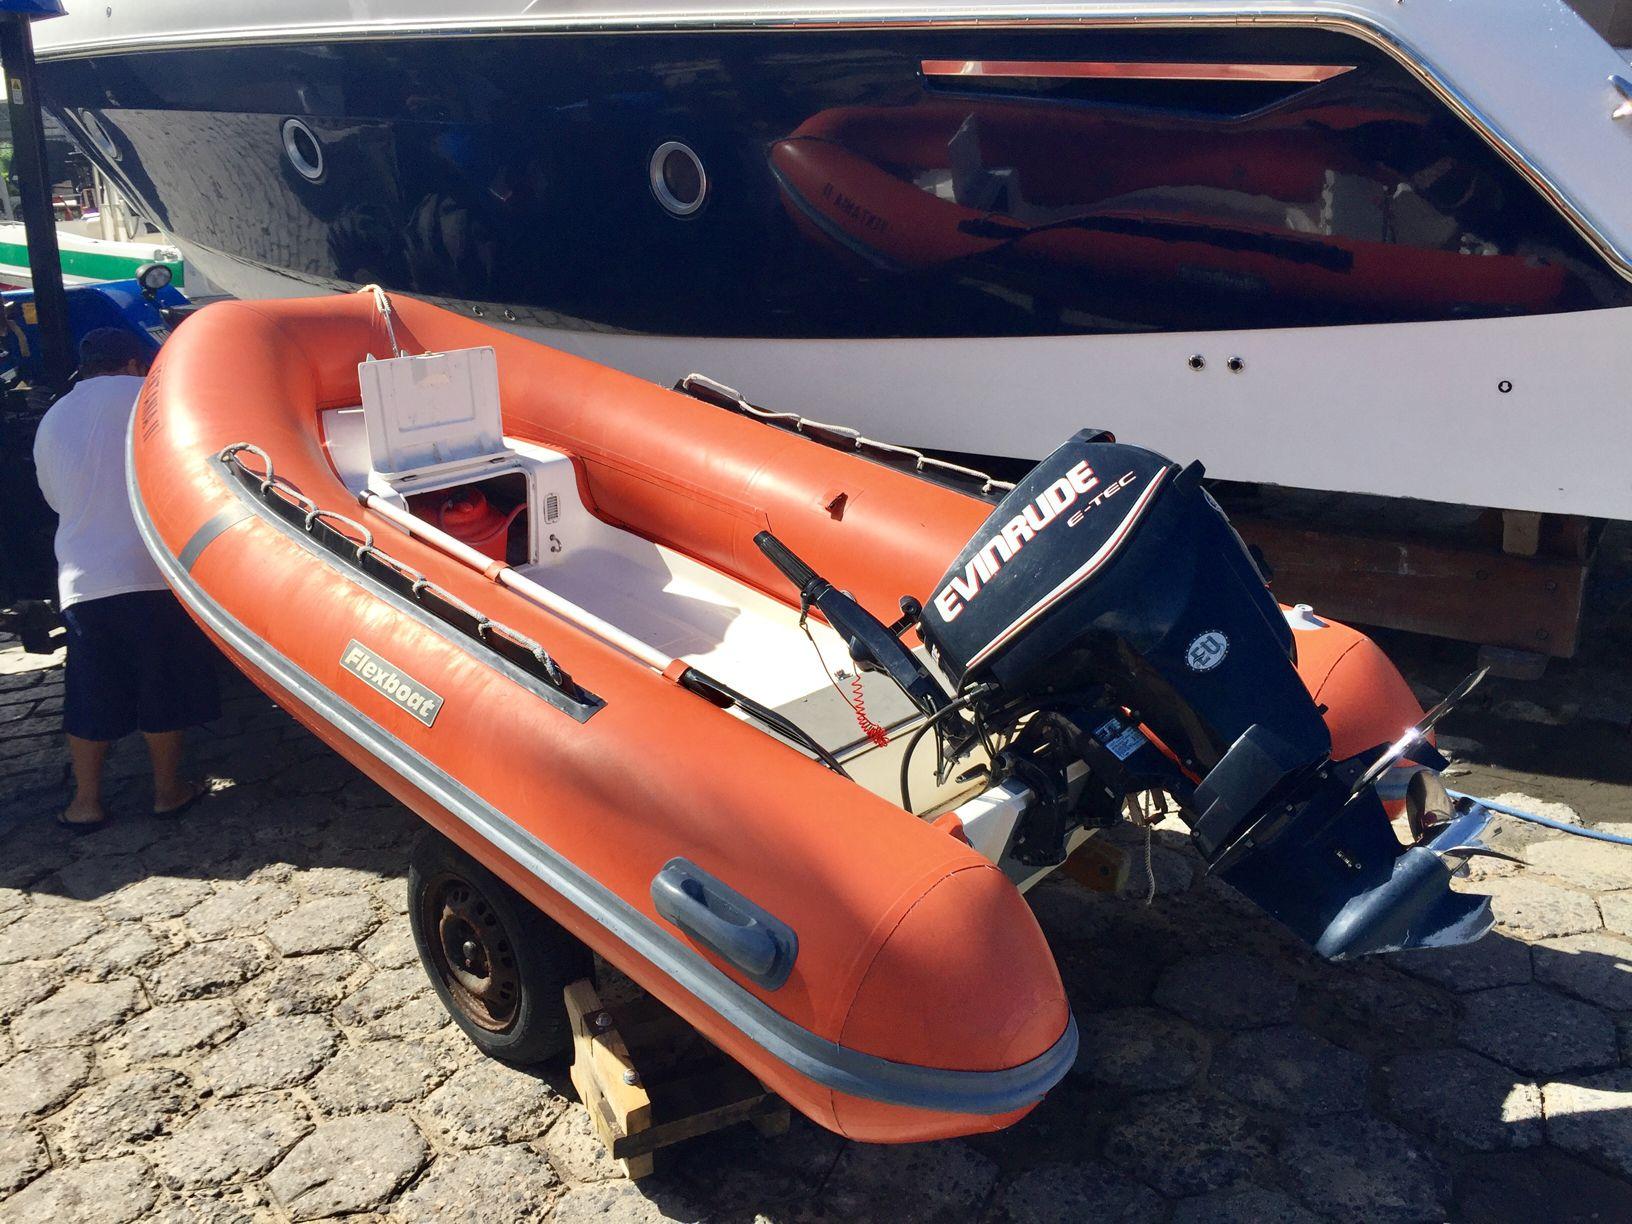 Flexboat SR - 12 SLX